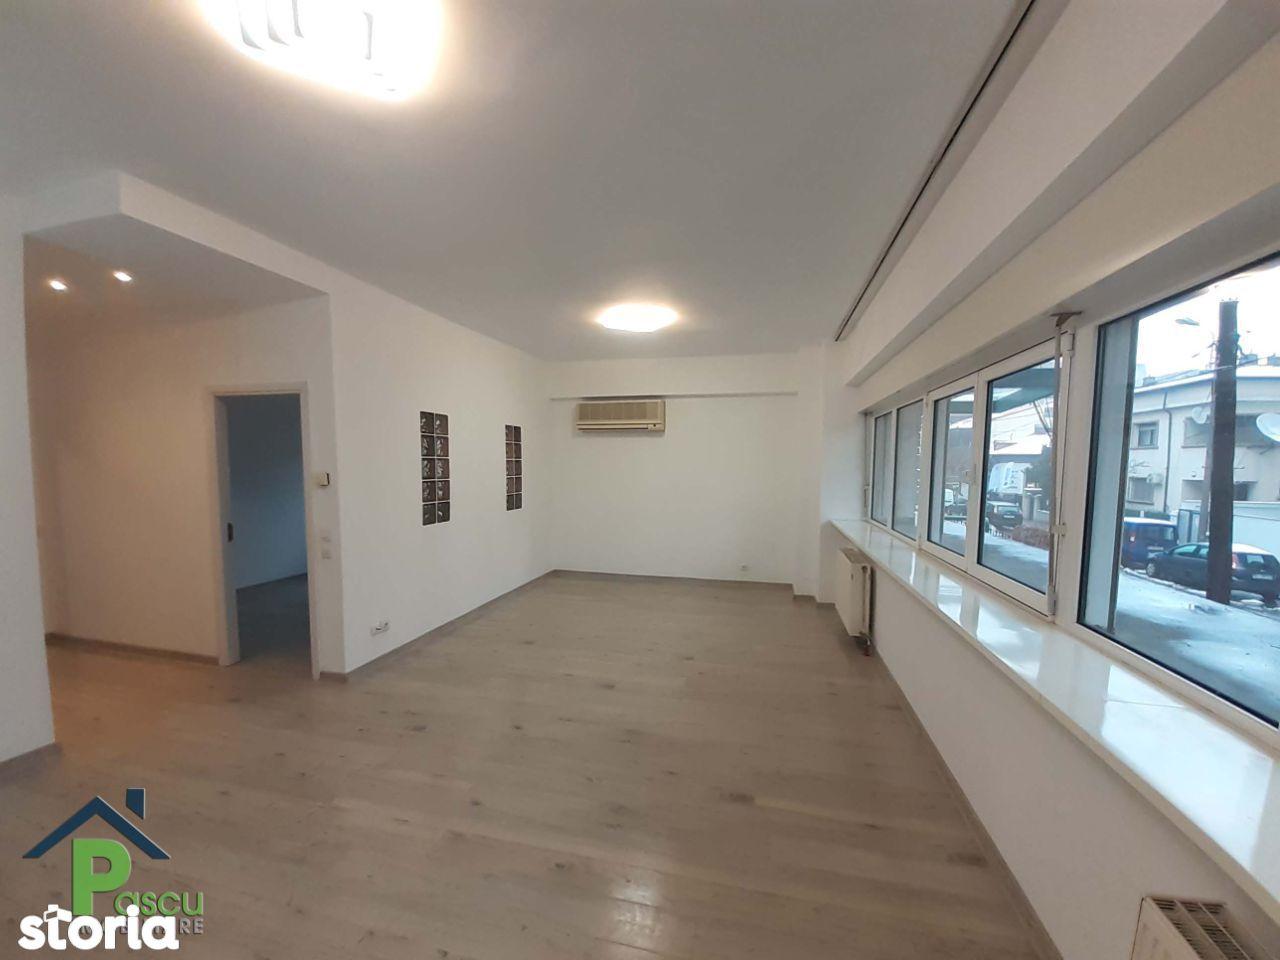 Inchiriere apartament 2 camere Aviatorilor,Emanoil Porumbaru, 60 mpu